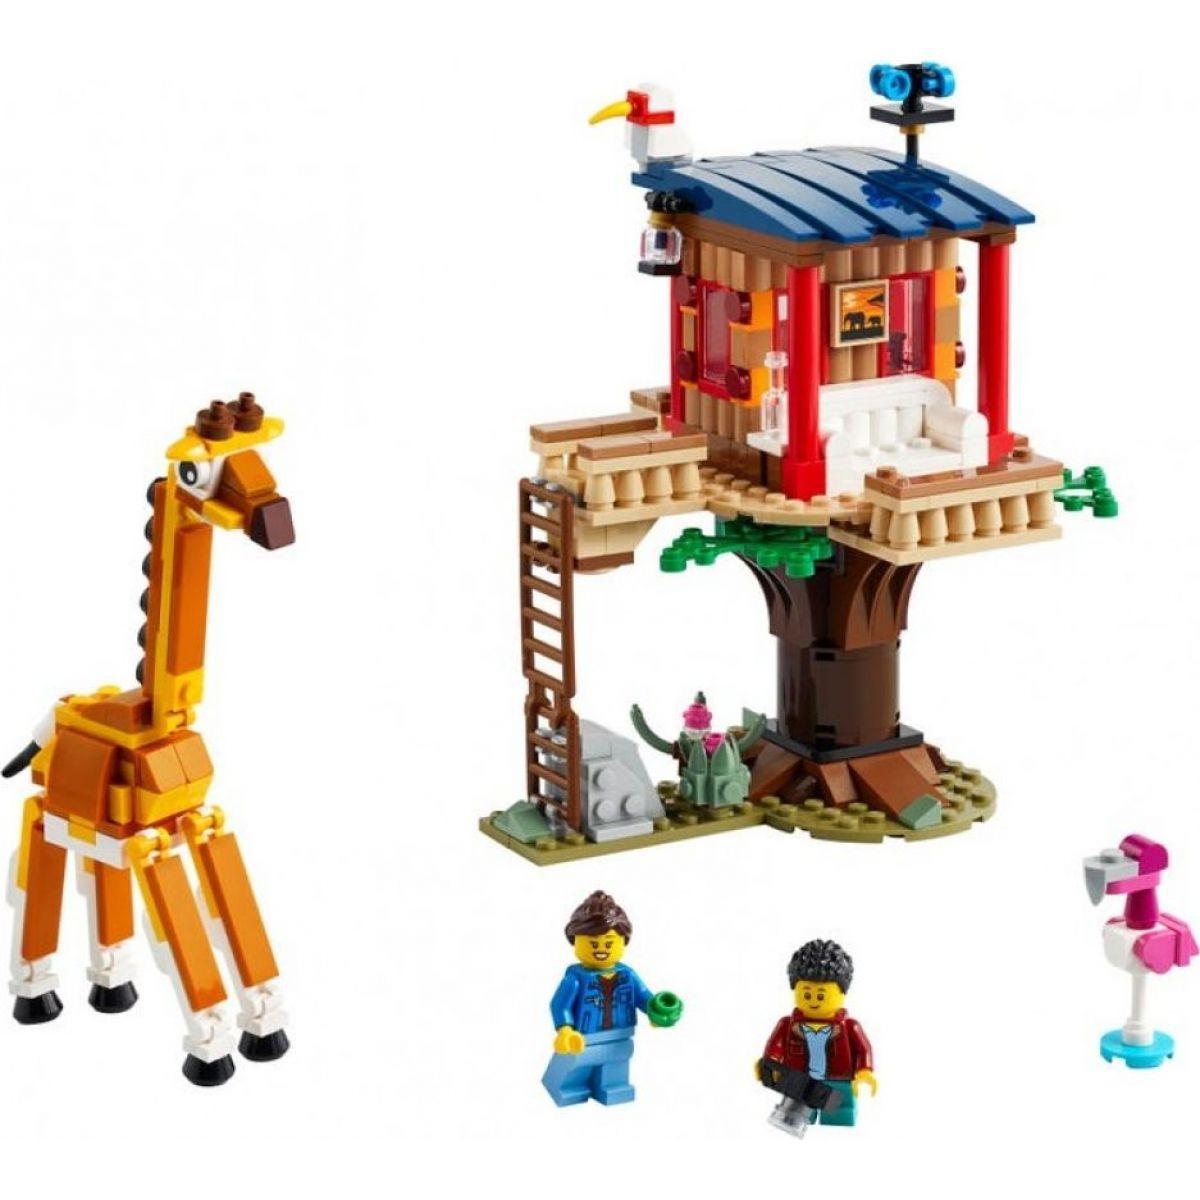 LEGO Creator 31116 Safari domček na strome  - Poškodený obal